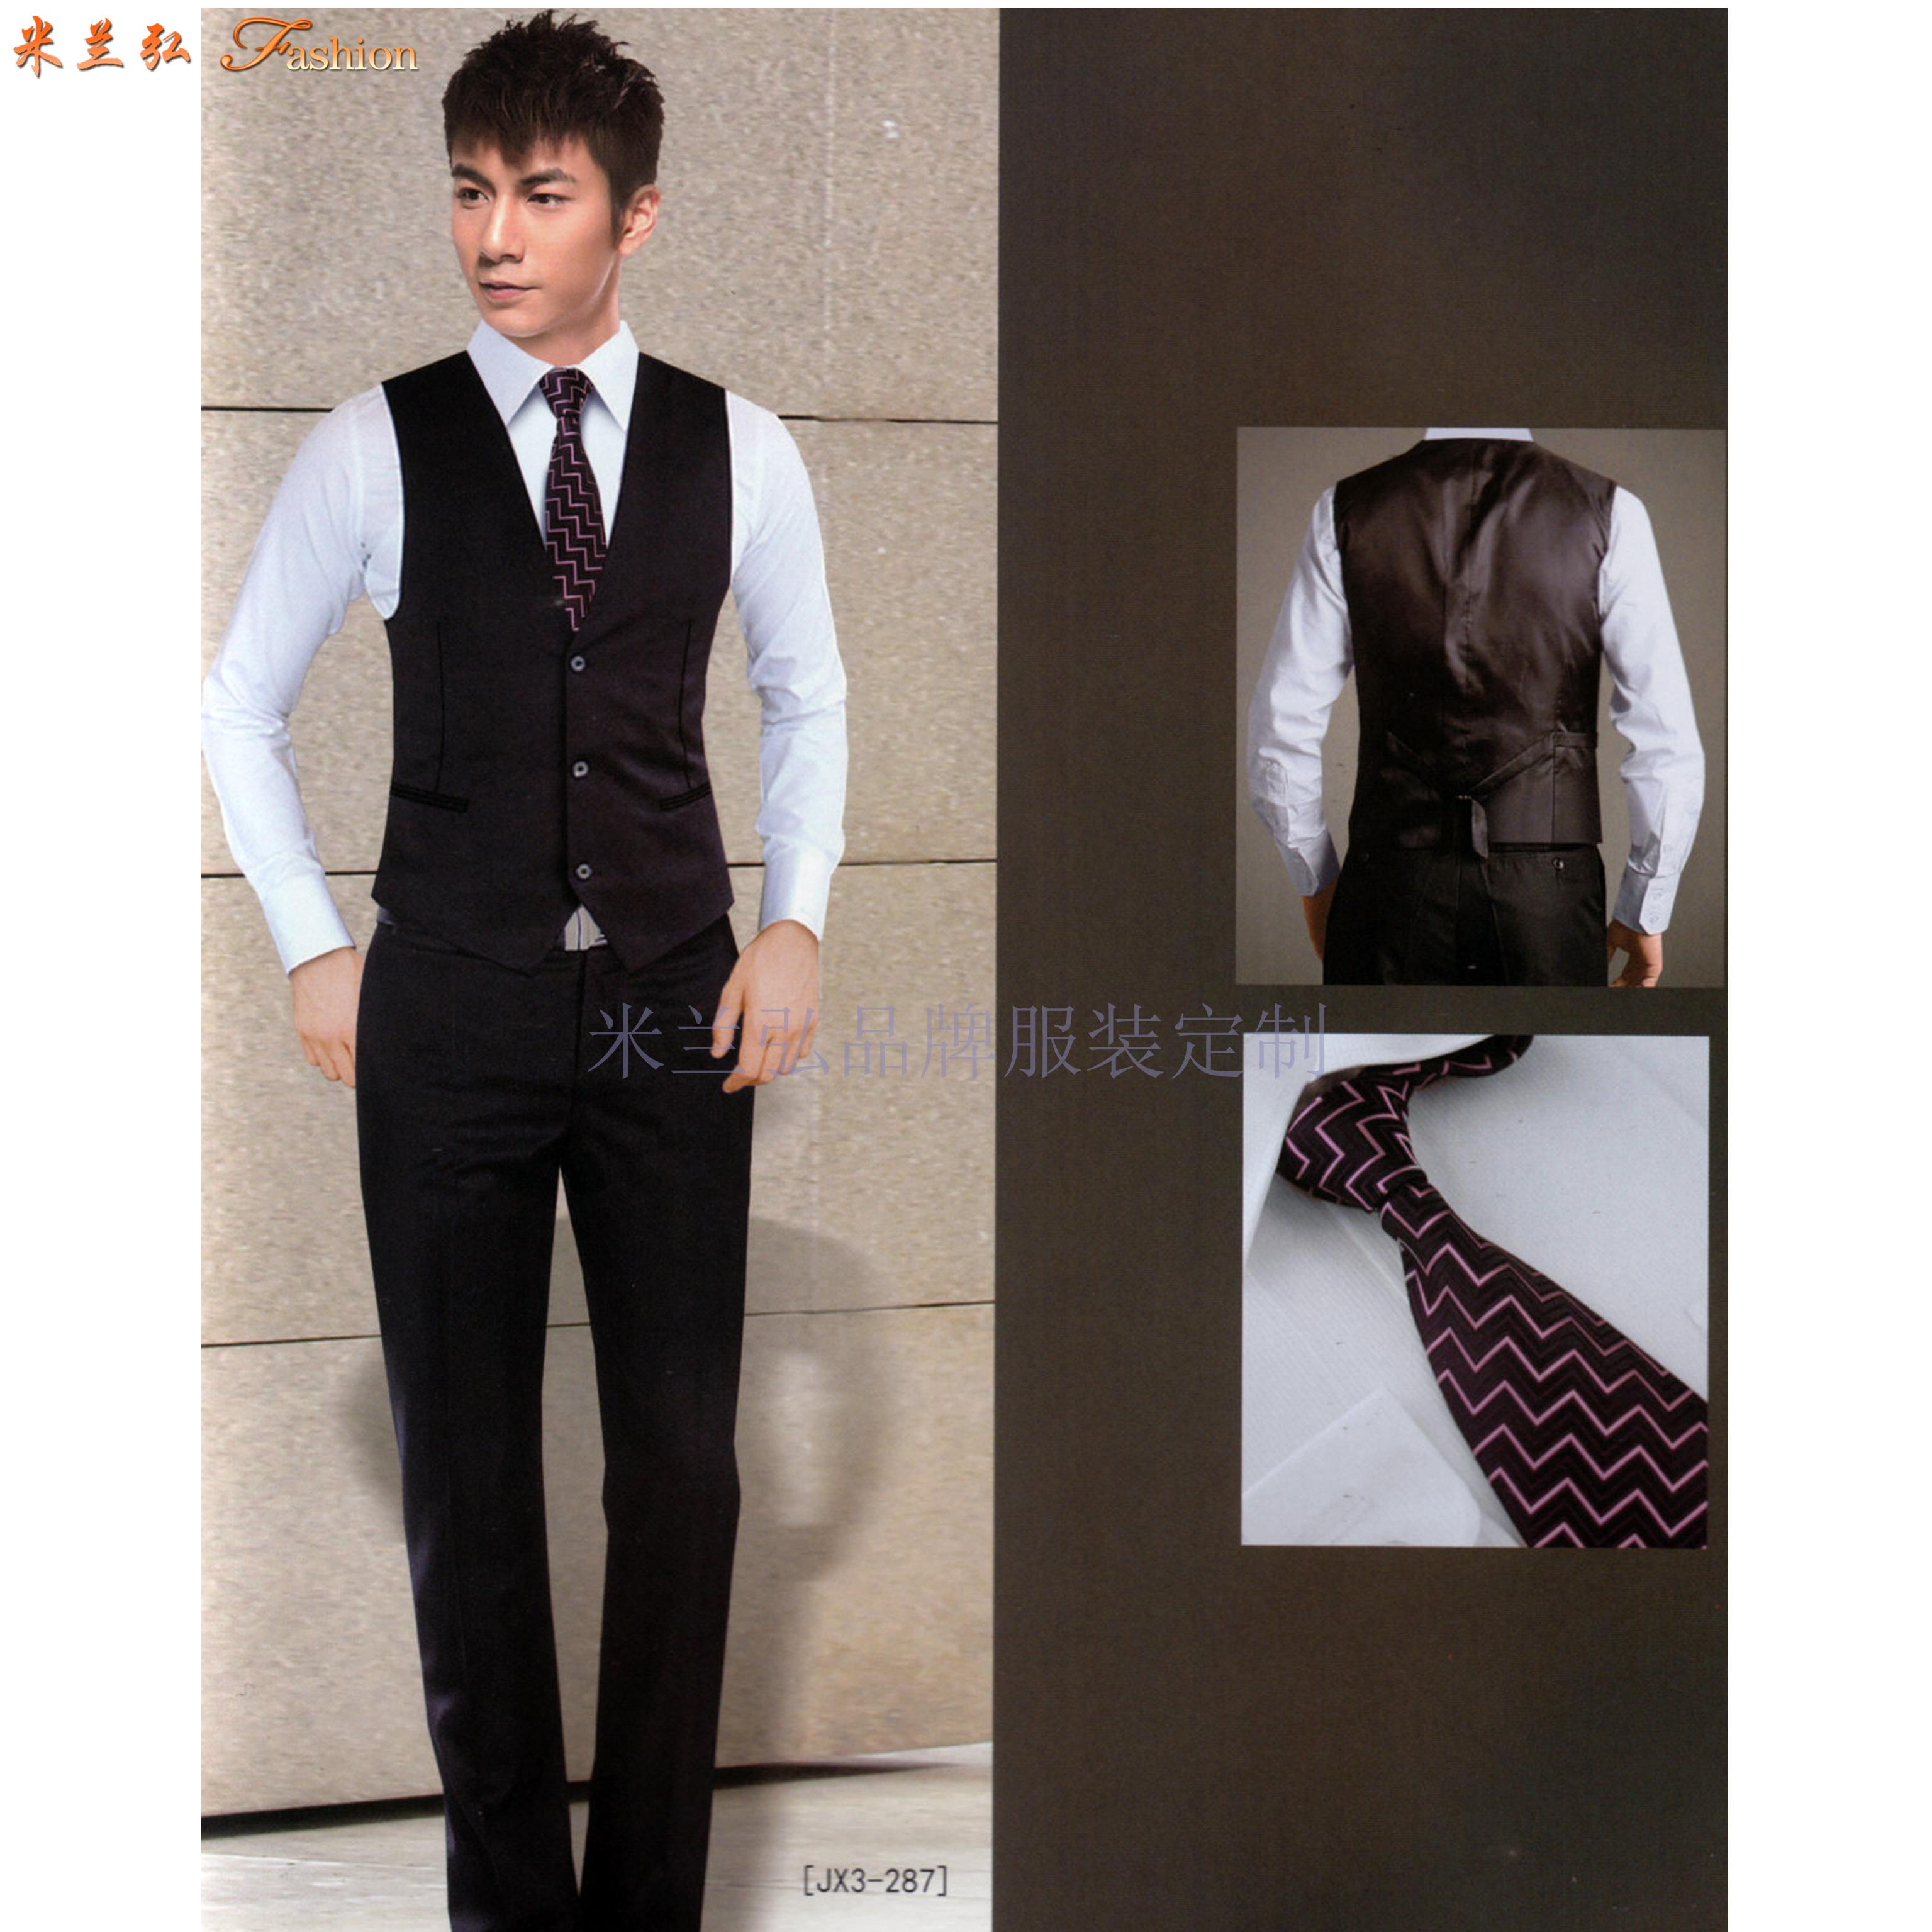 「男士商务西服定做」「男式羊毛西服定制」「男式品牌西装订制」-2